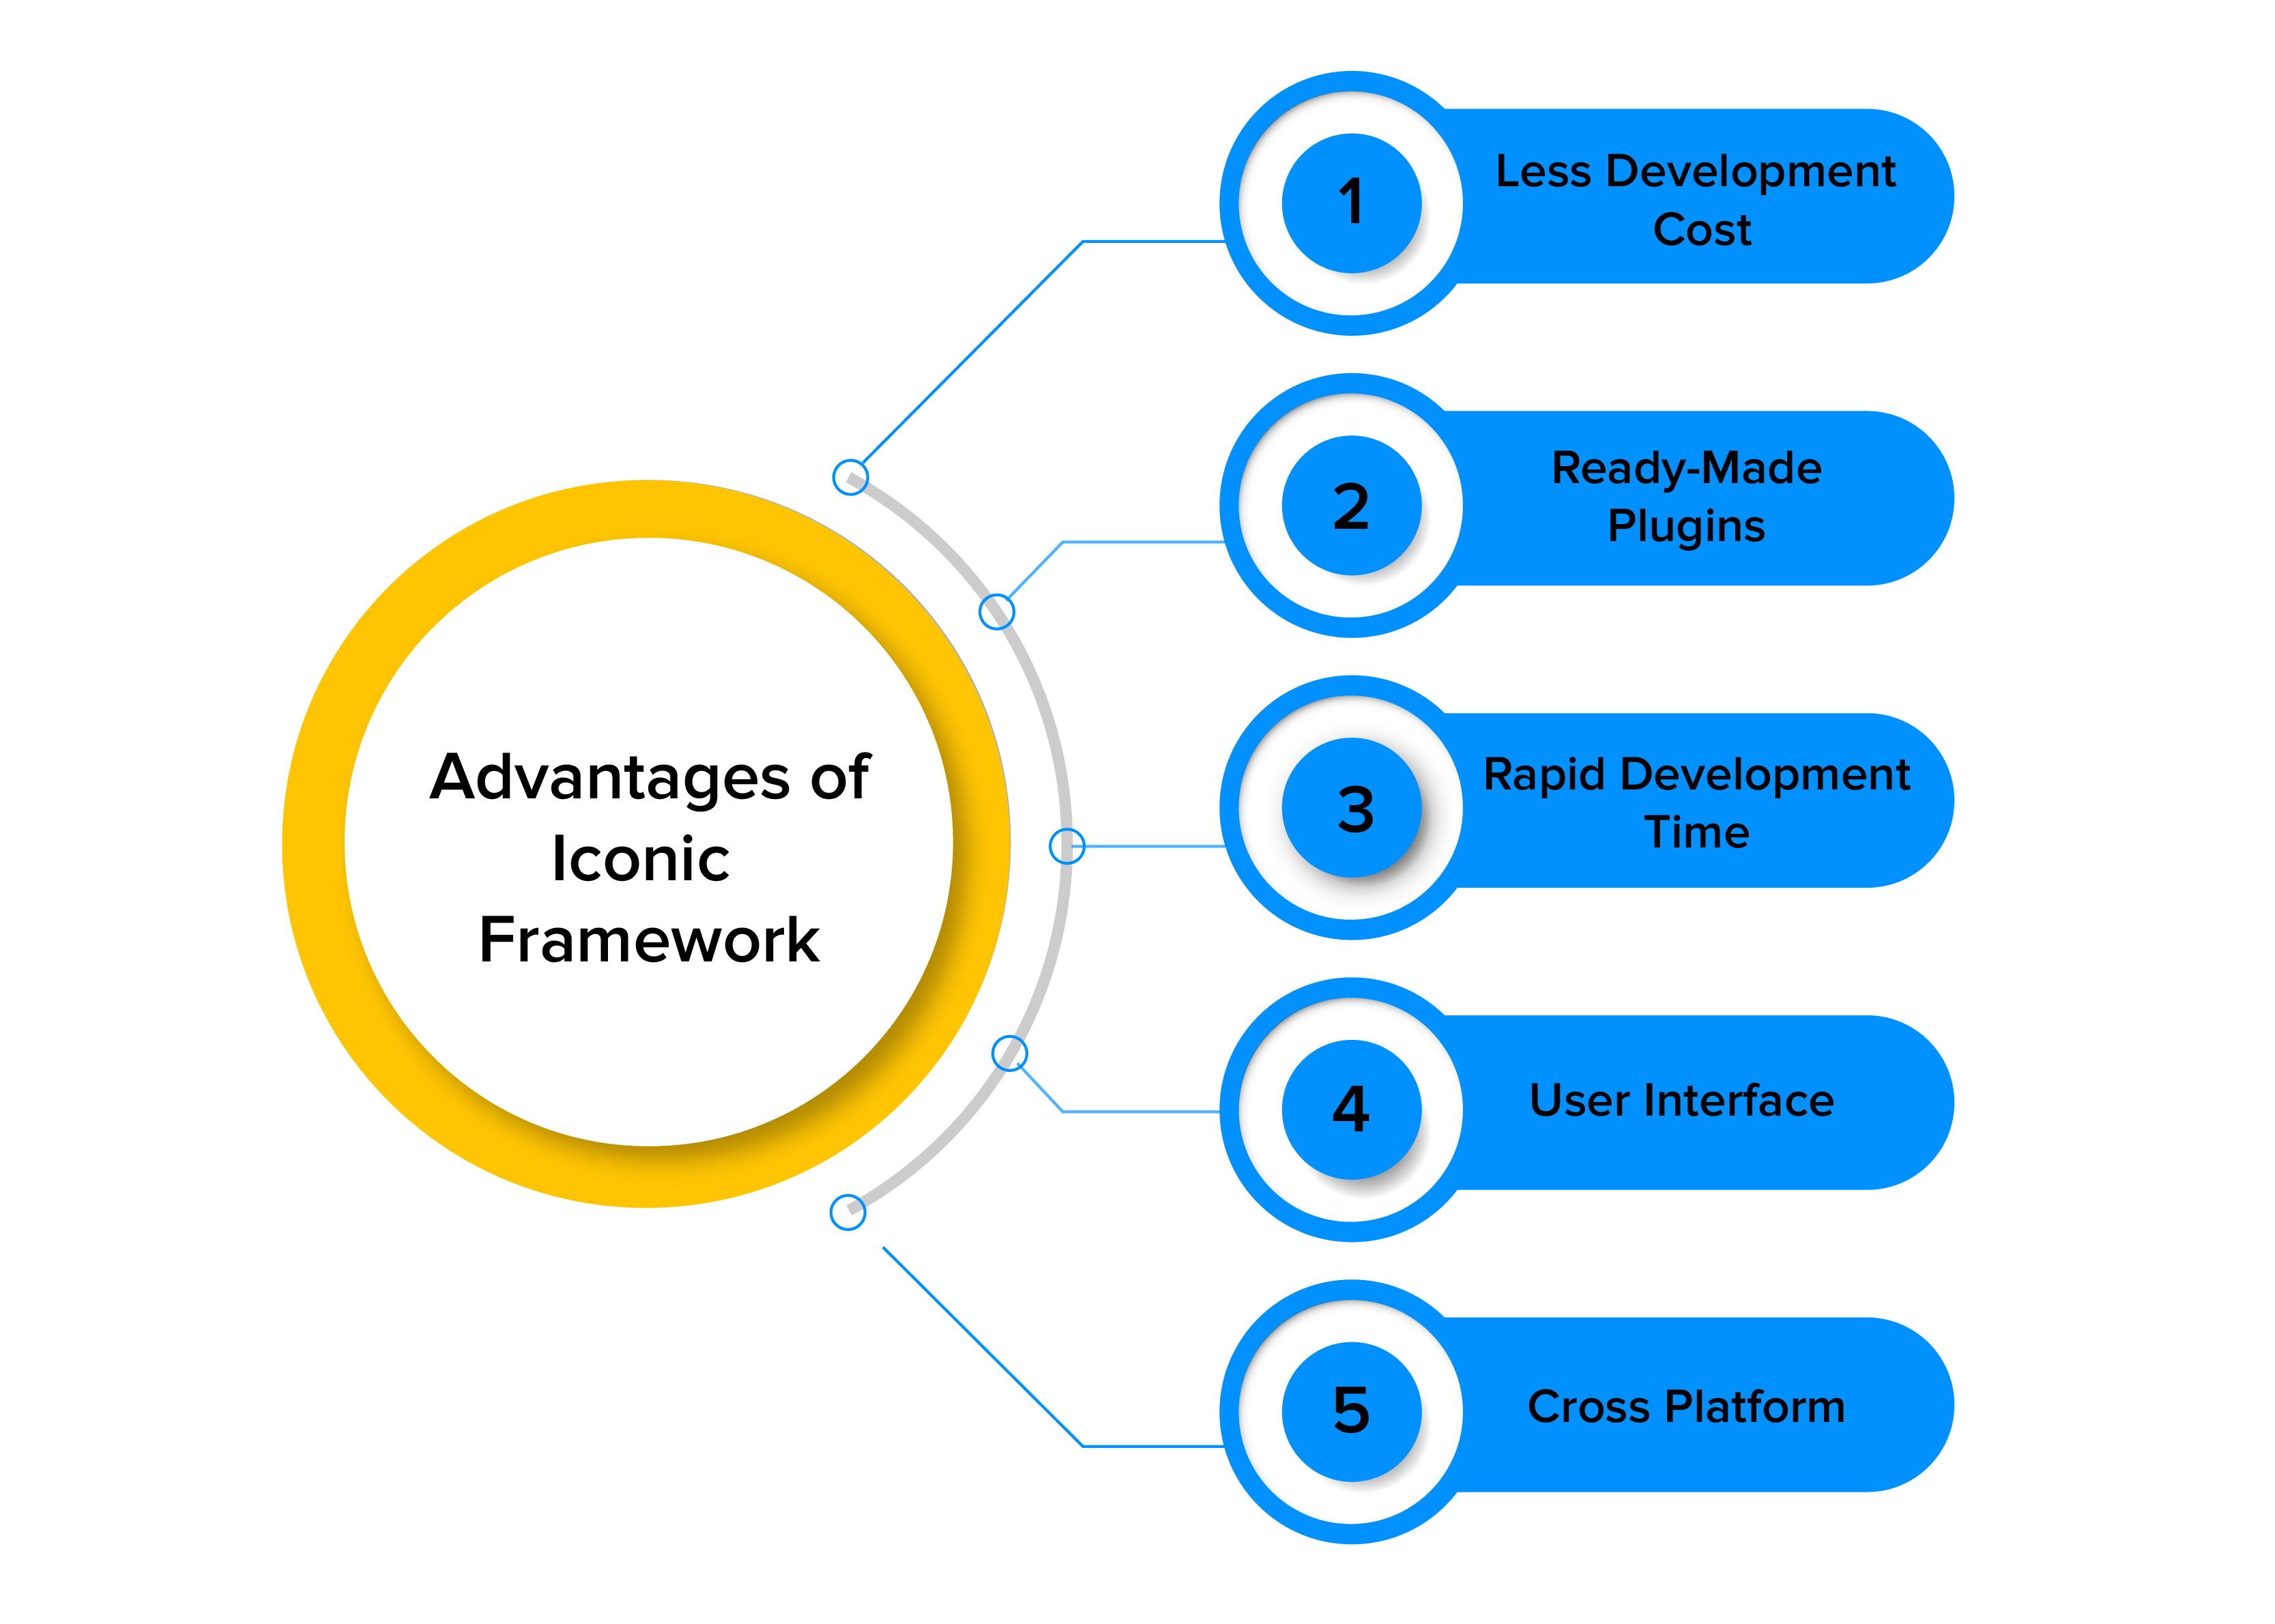 advantages of iconic framework